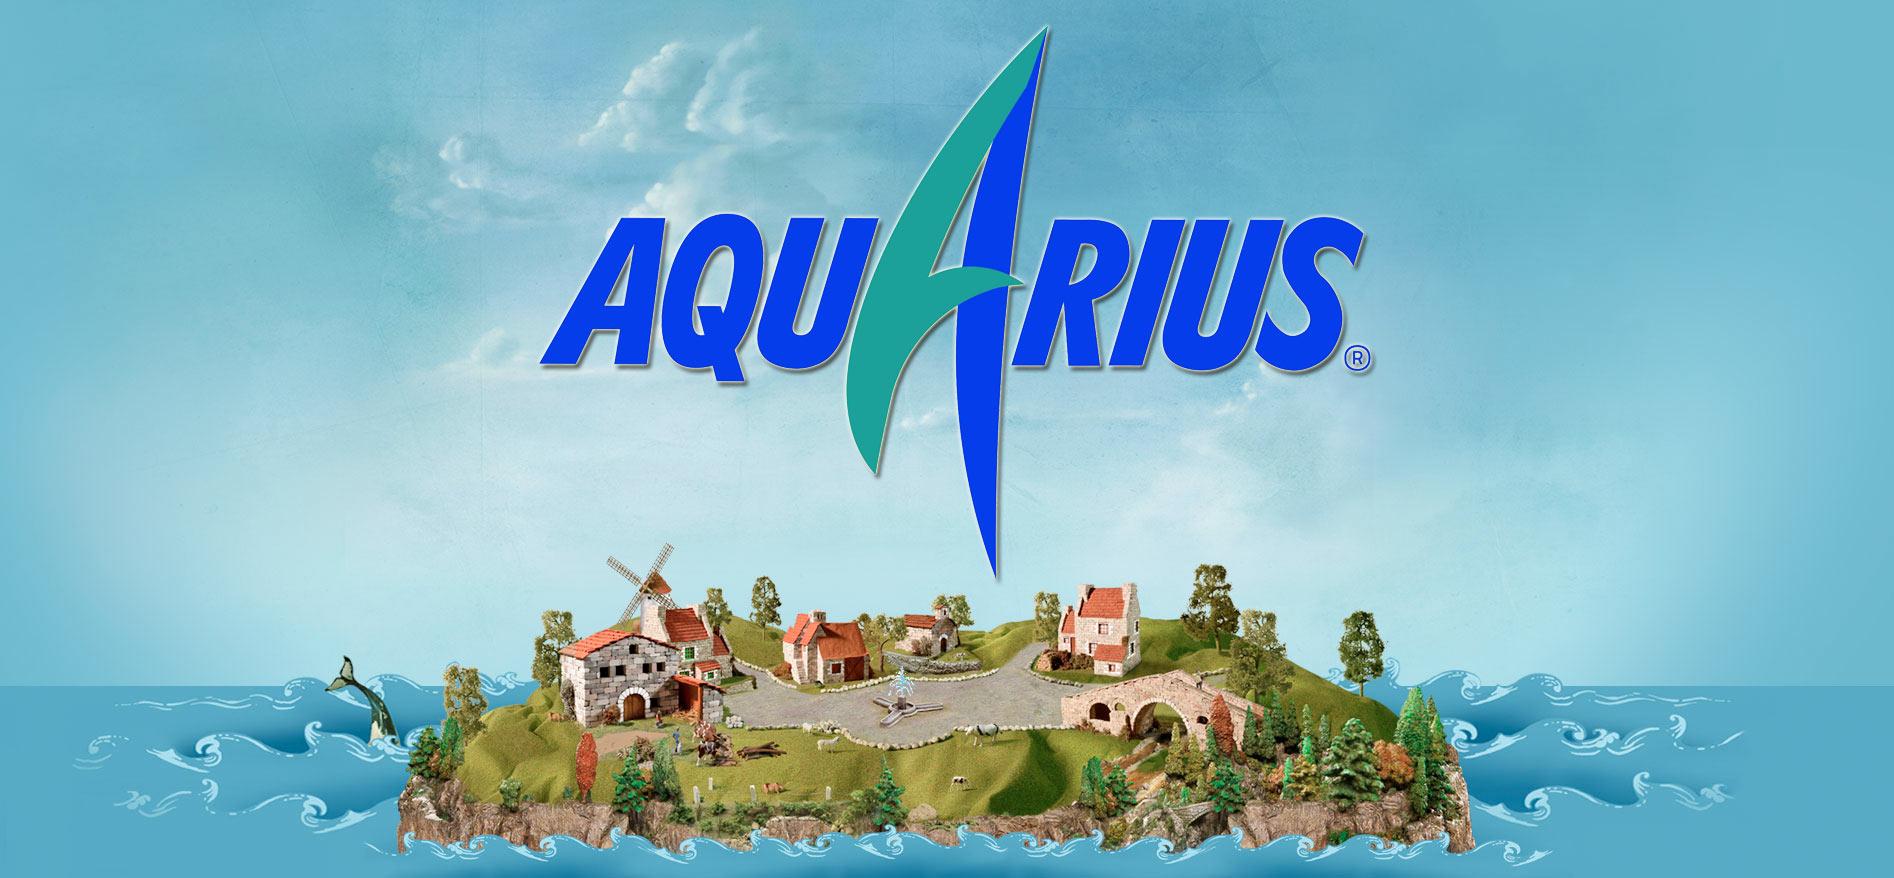 Escuela de Pueblo Aquarius